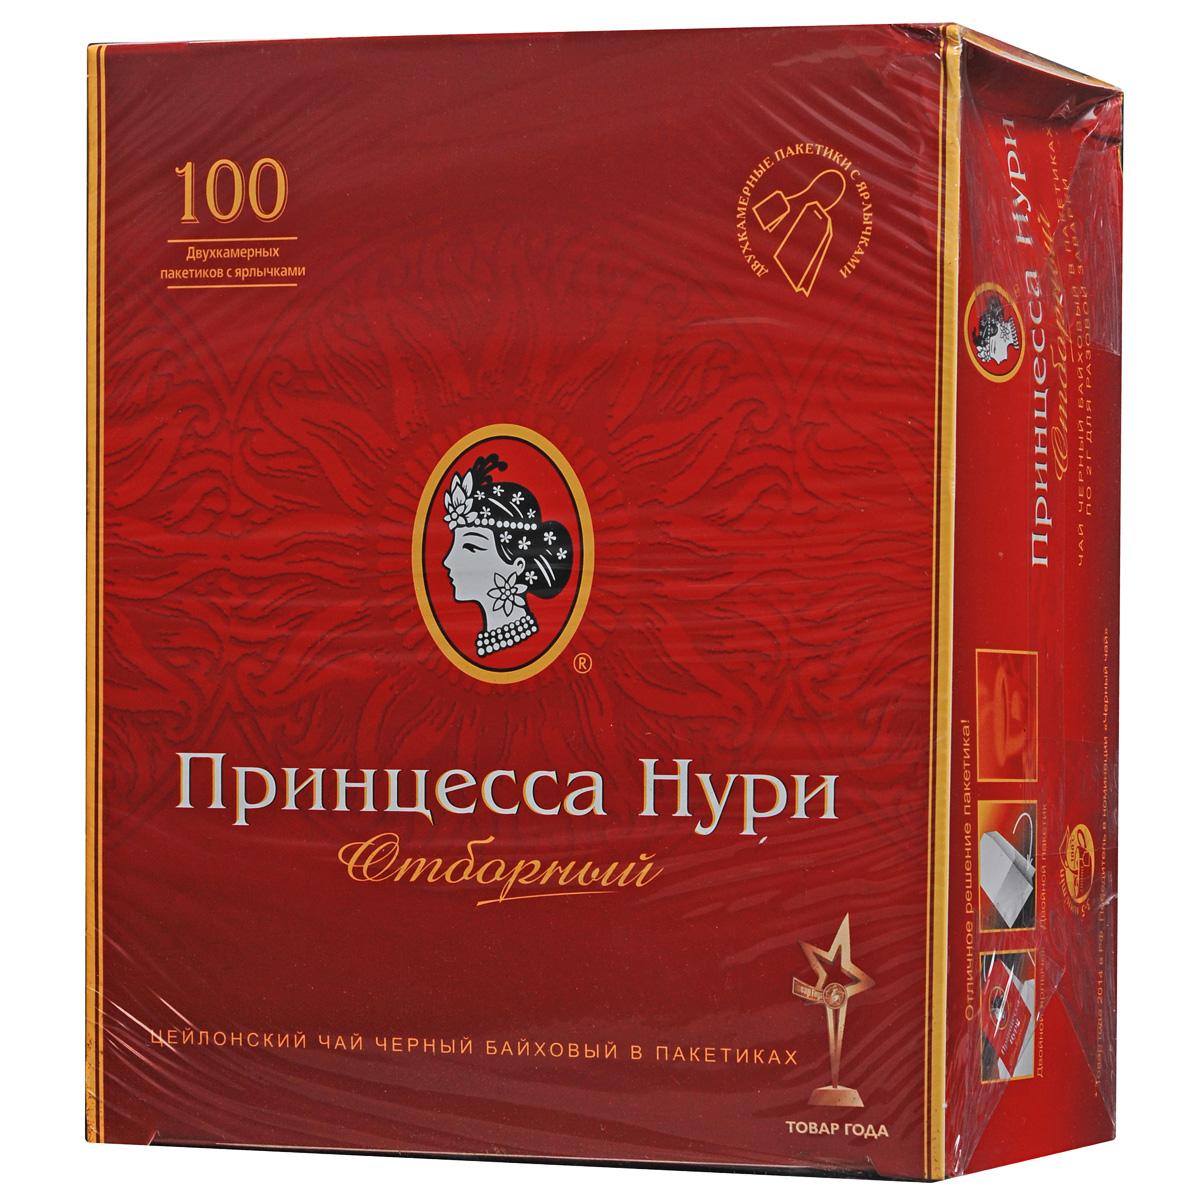 Принцесса Нури Отборный черный чай в пакетиках, 100 шт принцесса нури отборный черный чай в пакетиках 50 шт